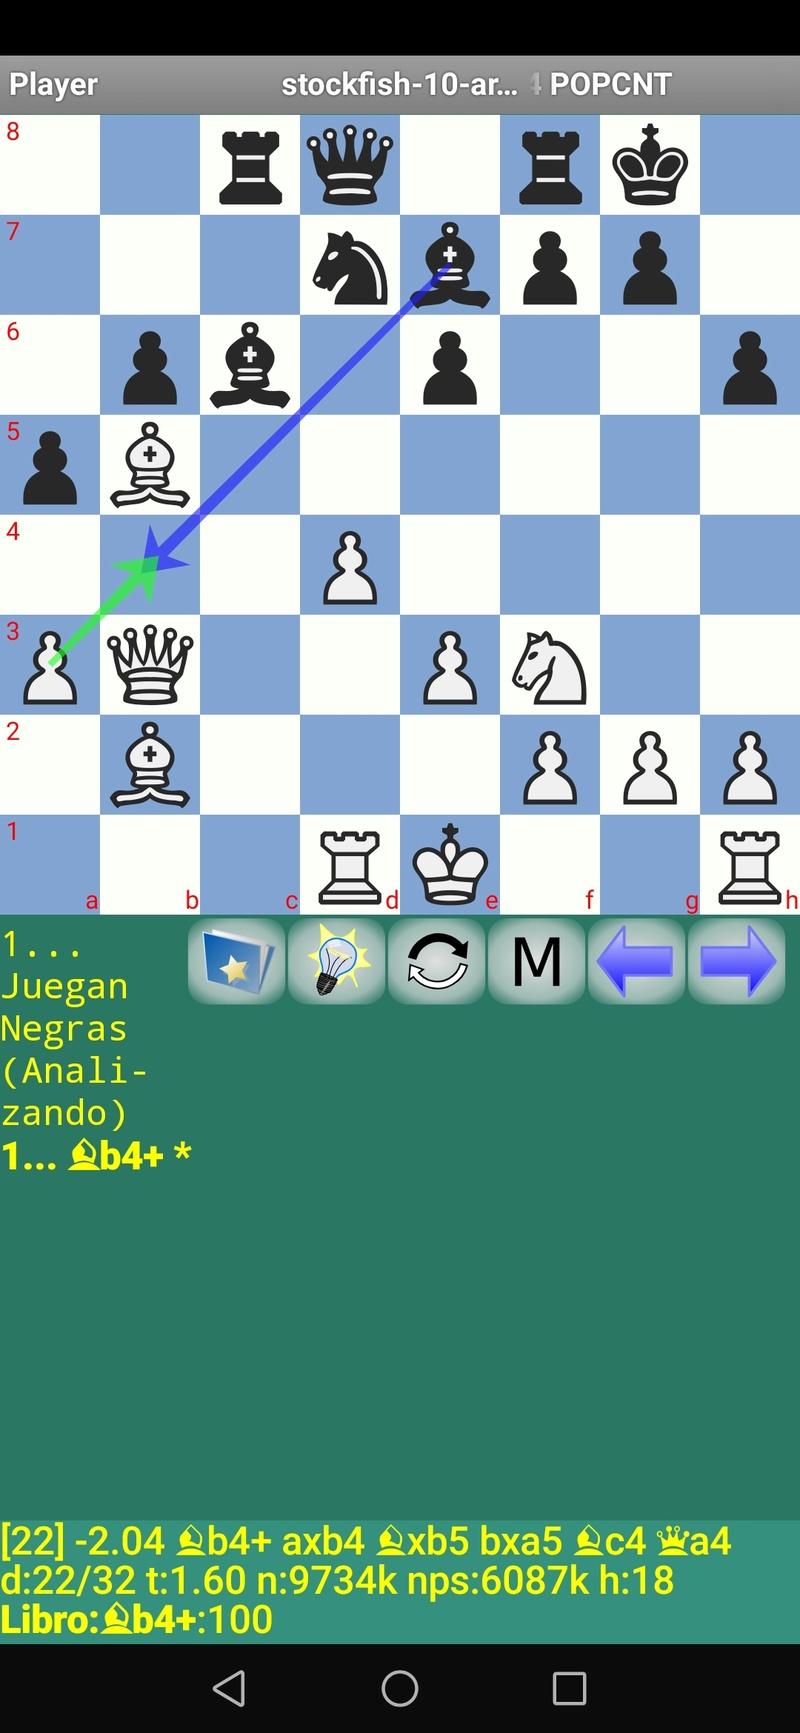 30 posiciones de Test fabulosas con el Stockfish 10 / Matador de QUIJOTEL (I) Scree114